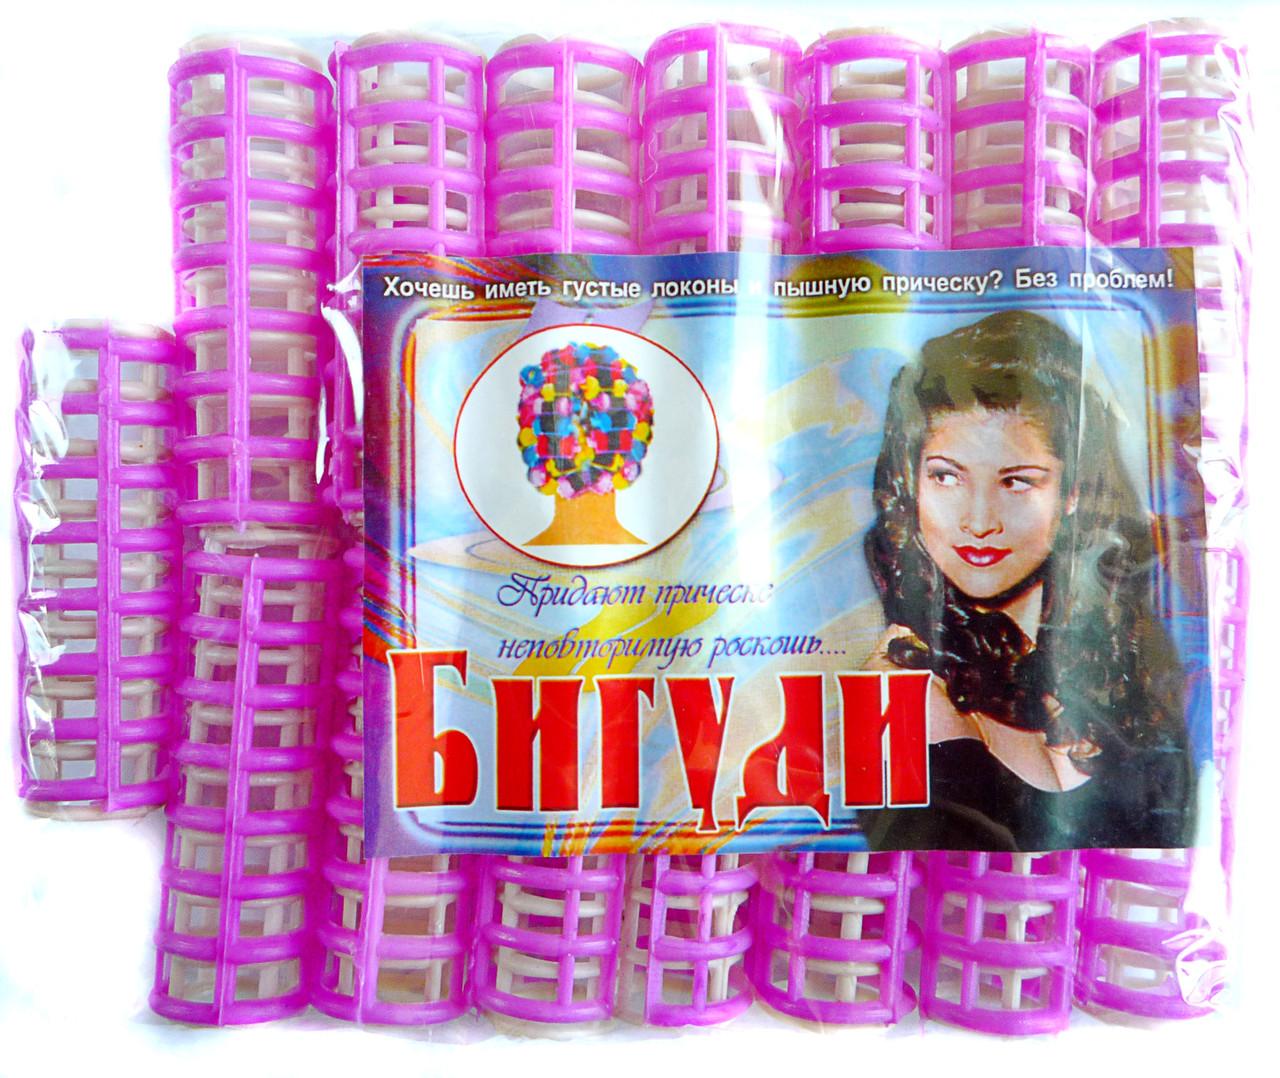 Пластмассовые бигуди с зажимом, 15 шт., (60 мм/15 мм)